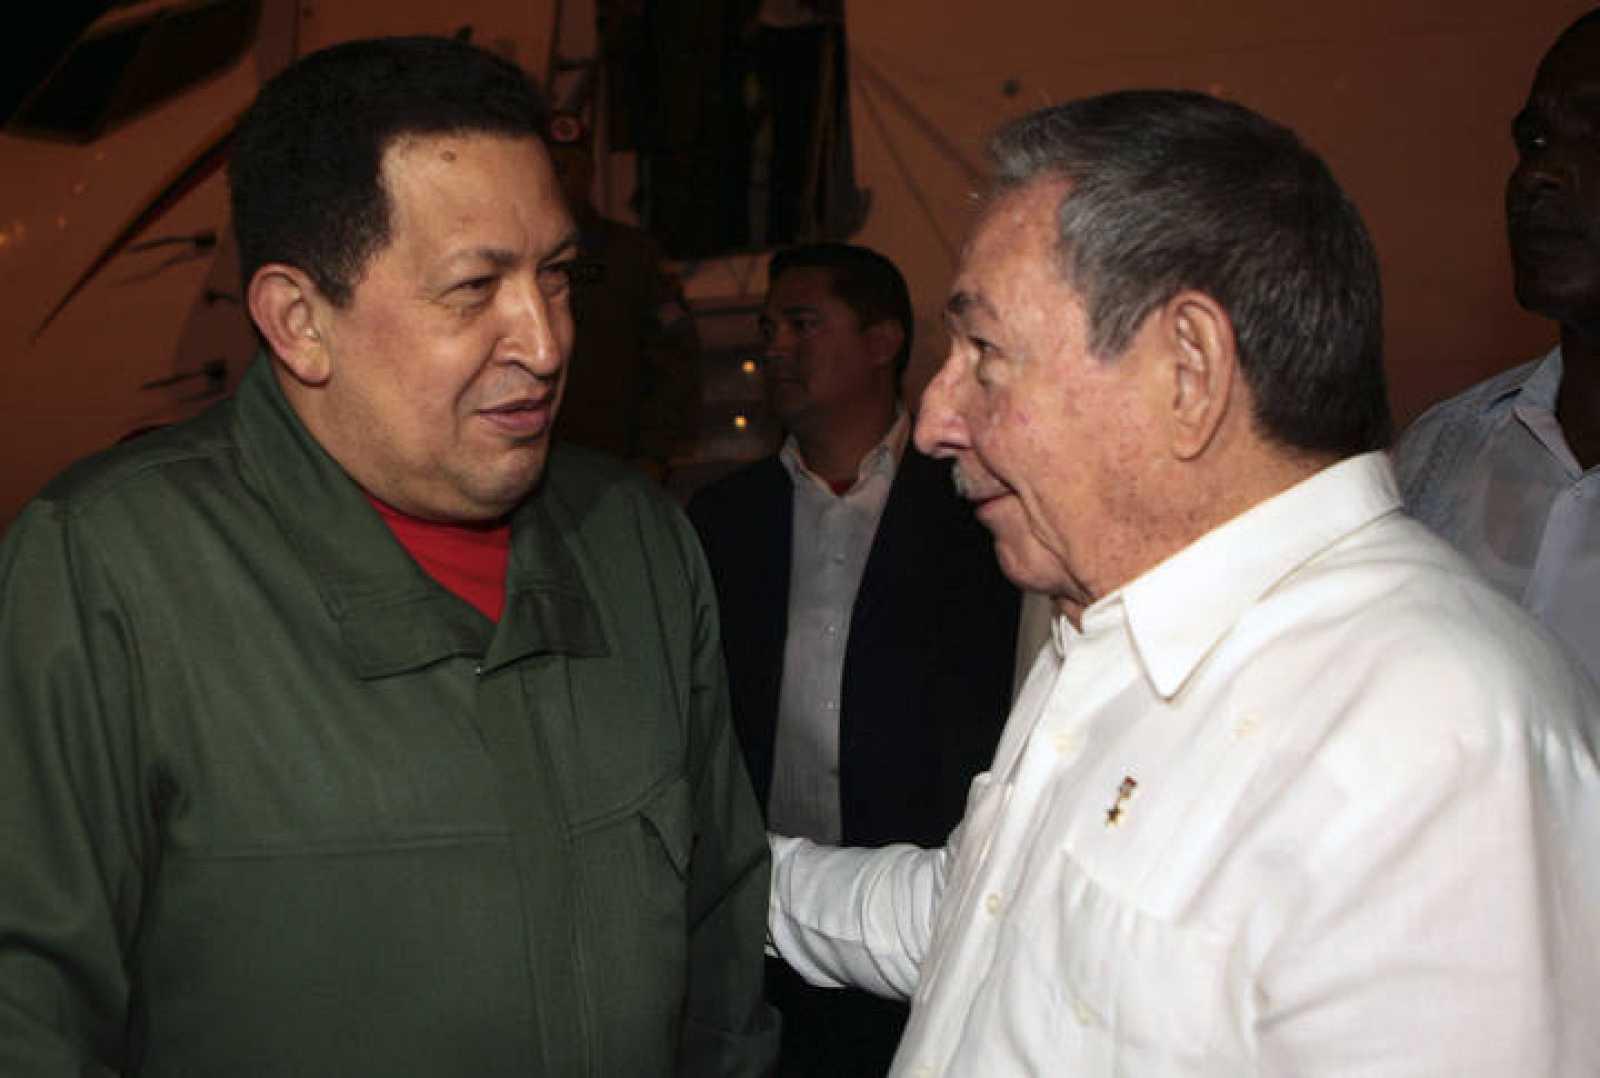 El presidente cubano, Raúl Castro, da la bienvenida a su homólogo venezolano, Hugo Chávez, en La Habana.